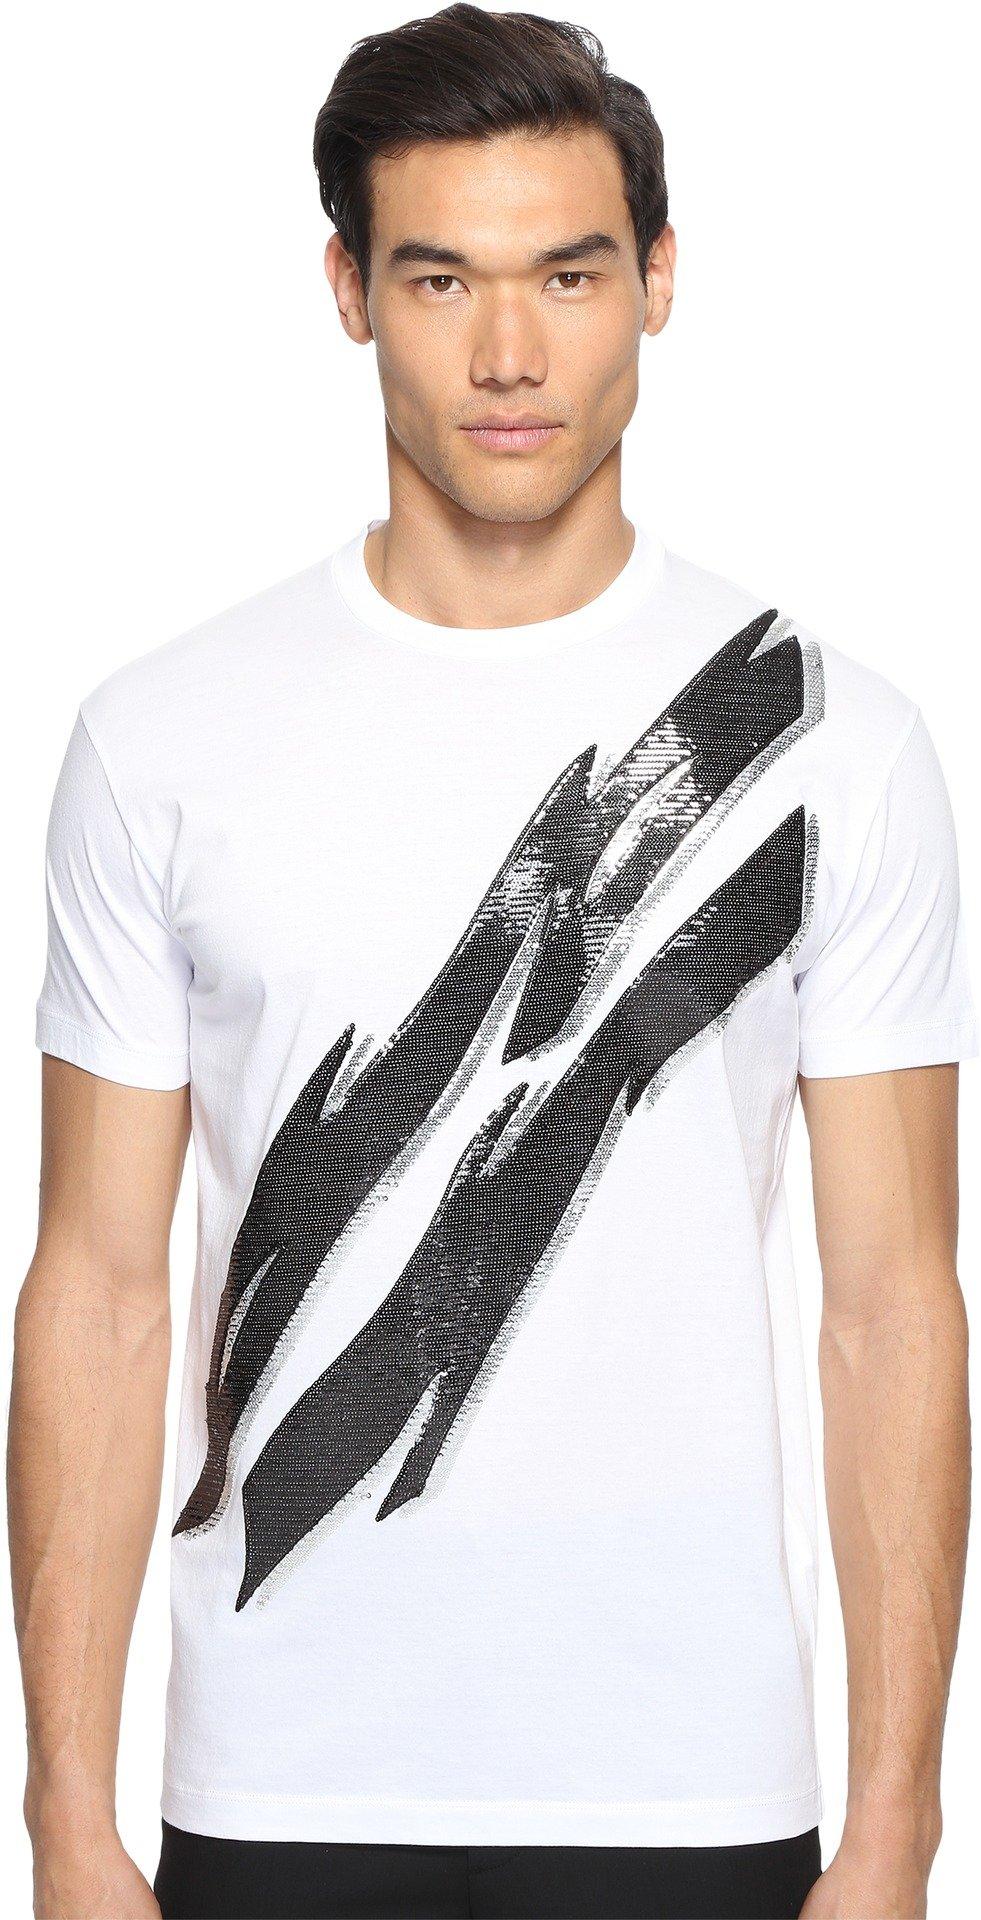 DSQUARED2  Men's Glam Rock Lightning Bolt T-Shirt White T-Shirt